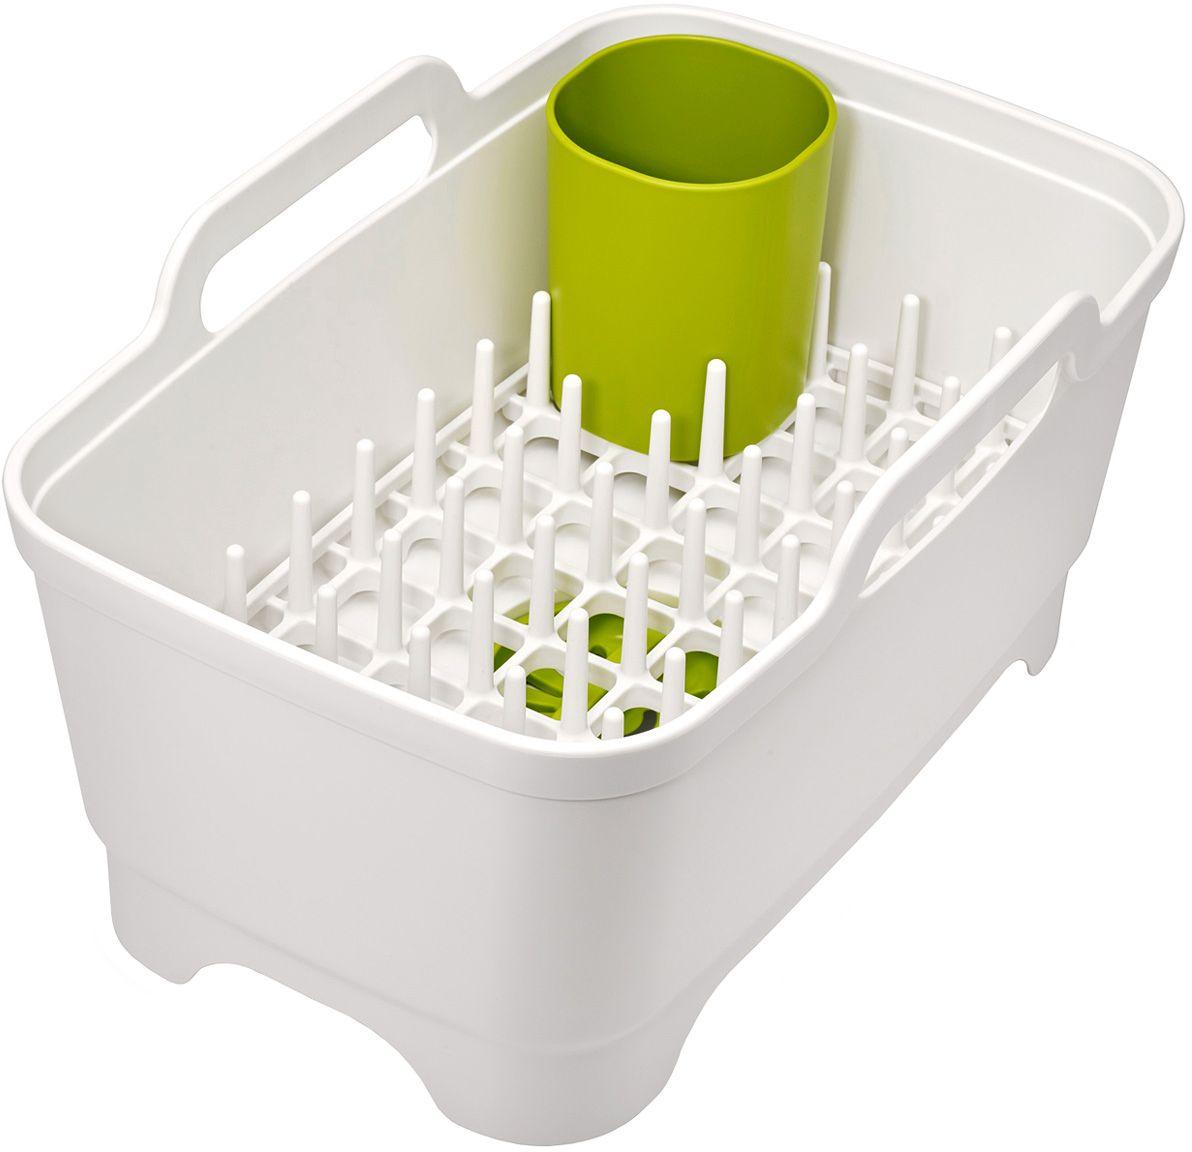 Набор для мойки и сушки посуды Joseph Joseph, цвет: белыйVT-1520(SR)Набор для мойки и сушки посуды Joseph Joseph включает в себя тазик для мытья, со встроенной пробкой для слива/удержания воды и съемную сушилку для посуды и столовых приборов. Компактный и функциональный дизайн, который поможет по максимуму использовать существующее пространство: подставка для посуды может использоваться как внутри таза, так и на рабочей поверхности. Сам тазик оснащен удобными широкими ручками для переноски, его размеры идеально впишутся в любую раковину.Моется вручную.